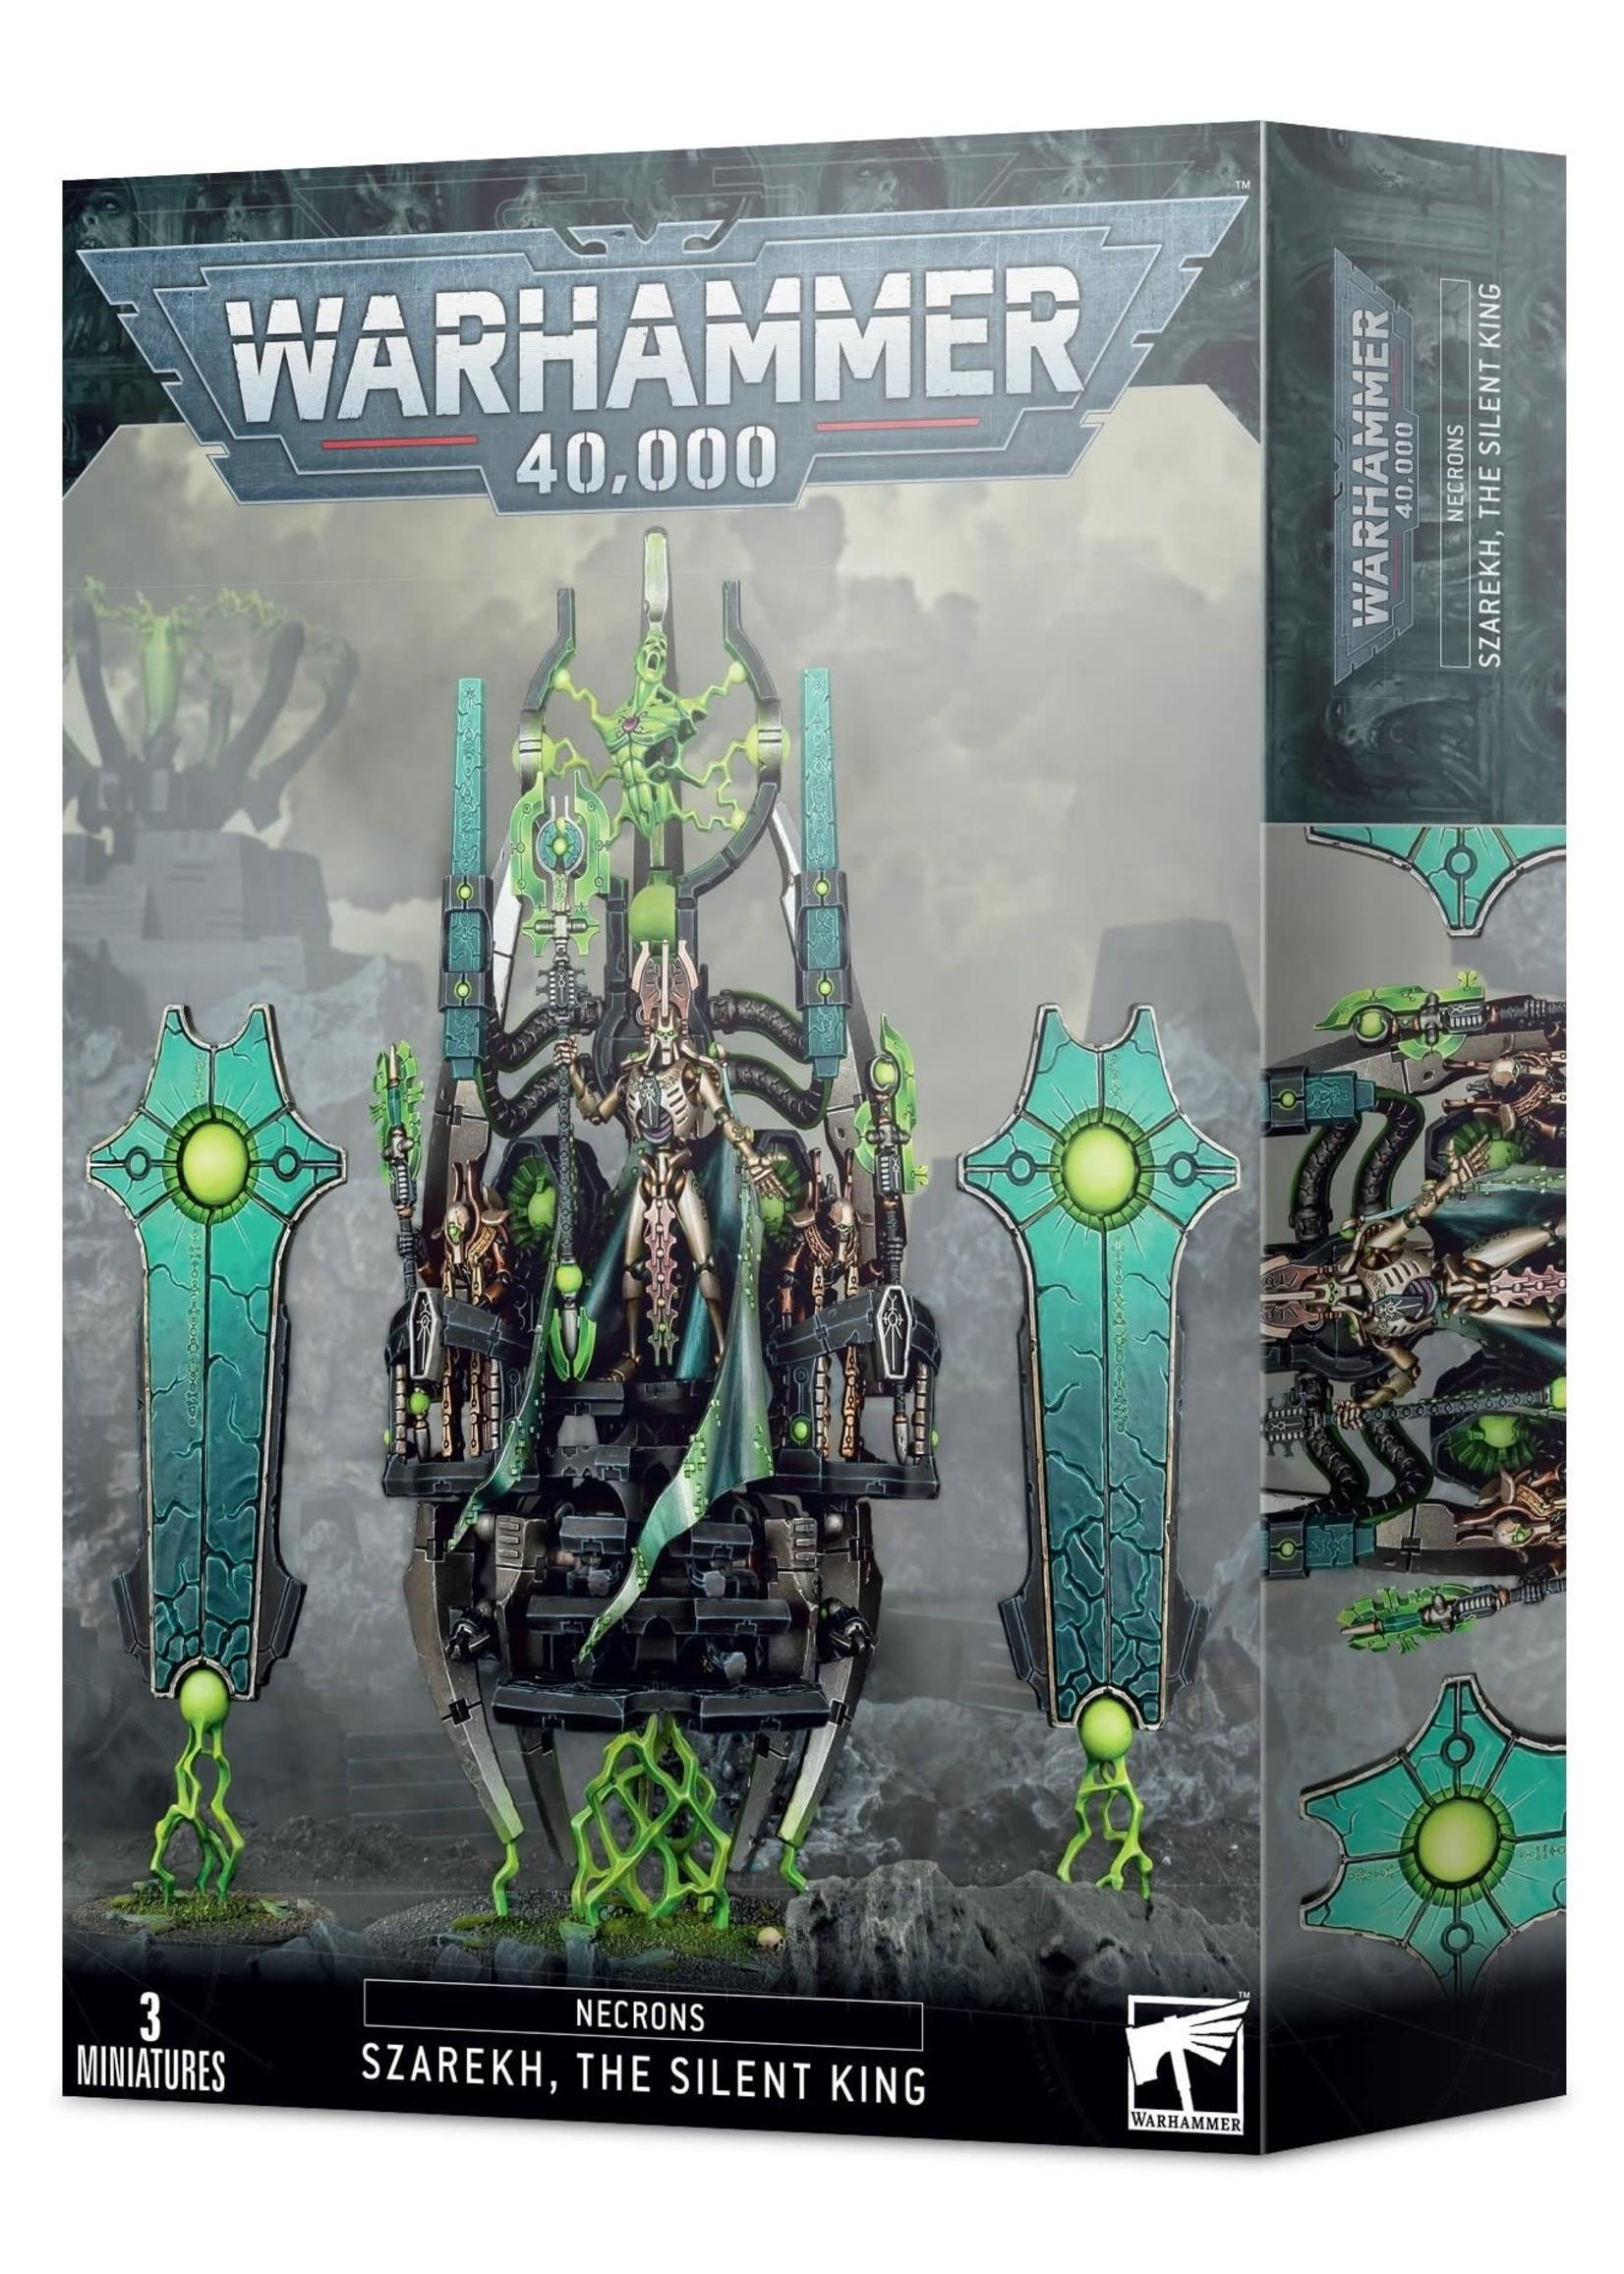 Warhammer: 40K Warhammer 40K: Necrons Szarekh The Silent King